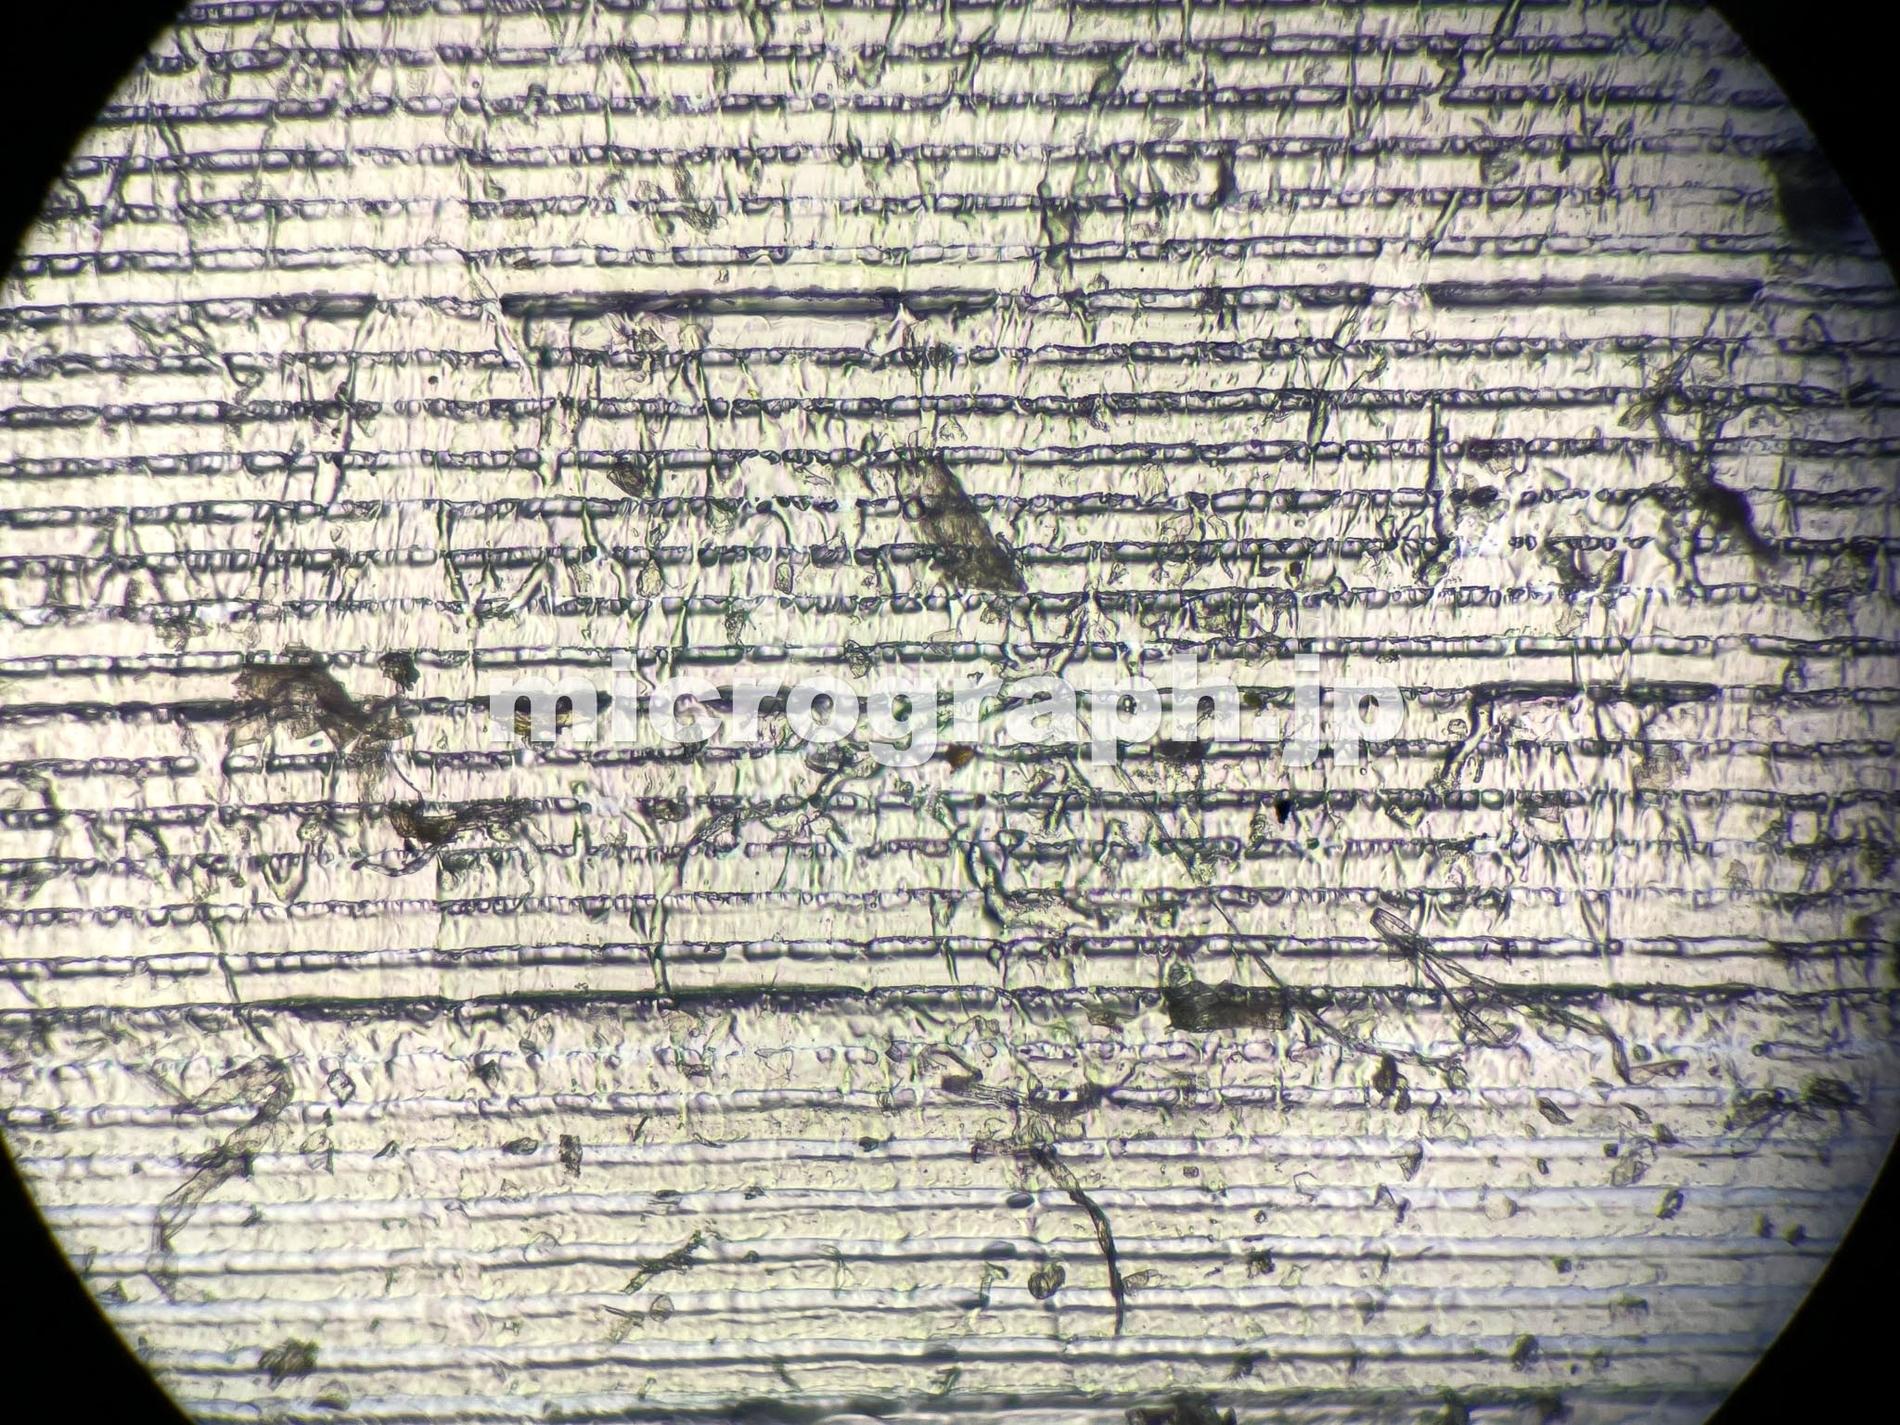 セロテープの顕微鏡写真